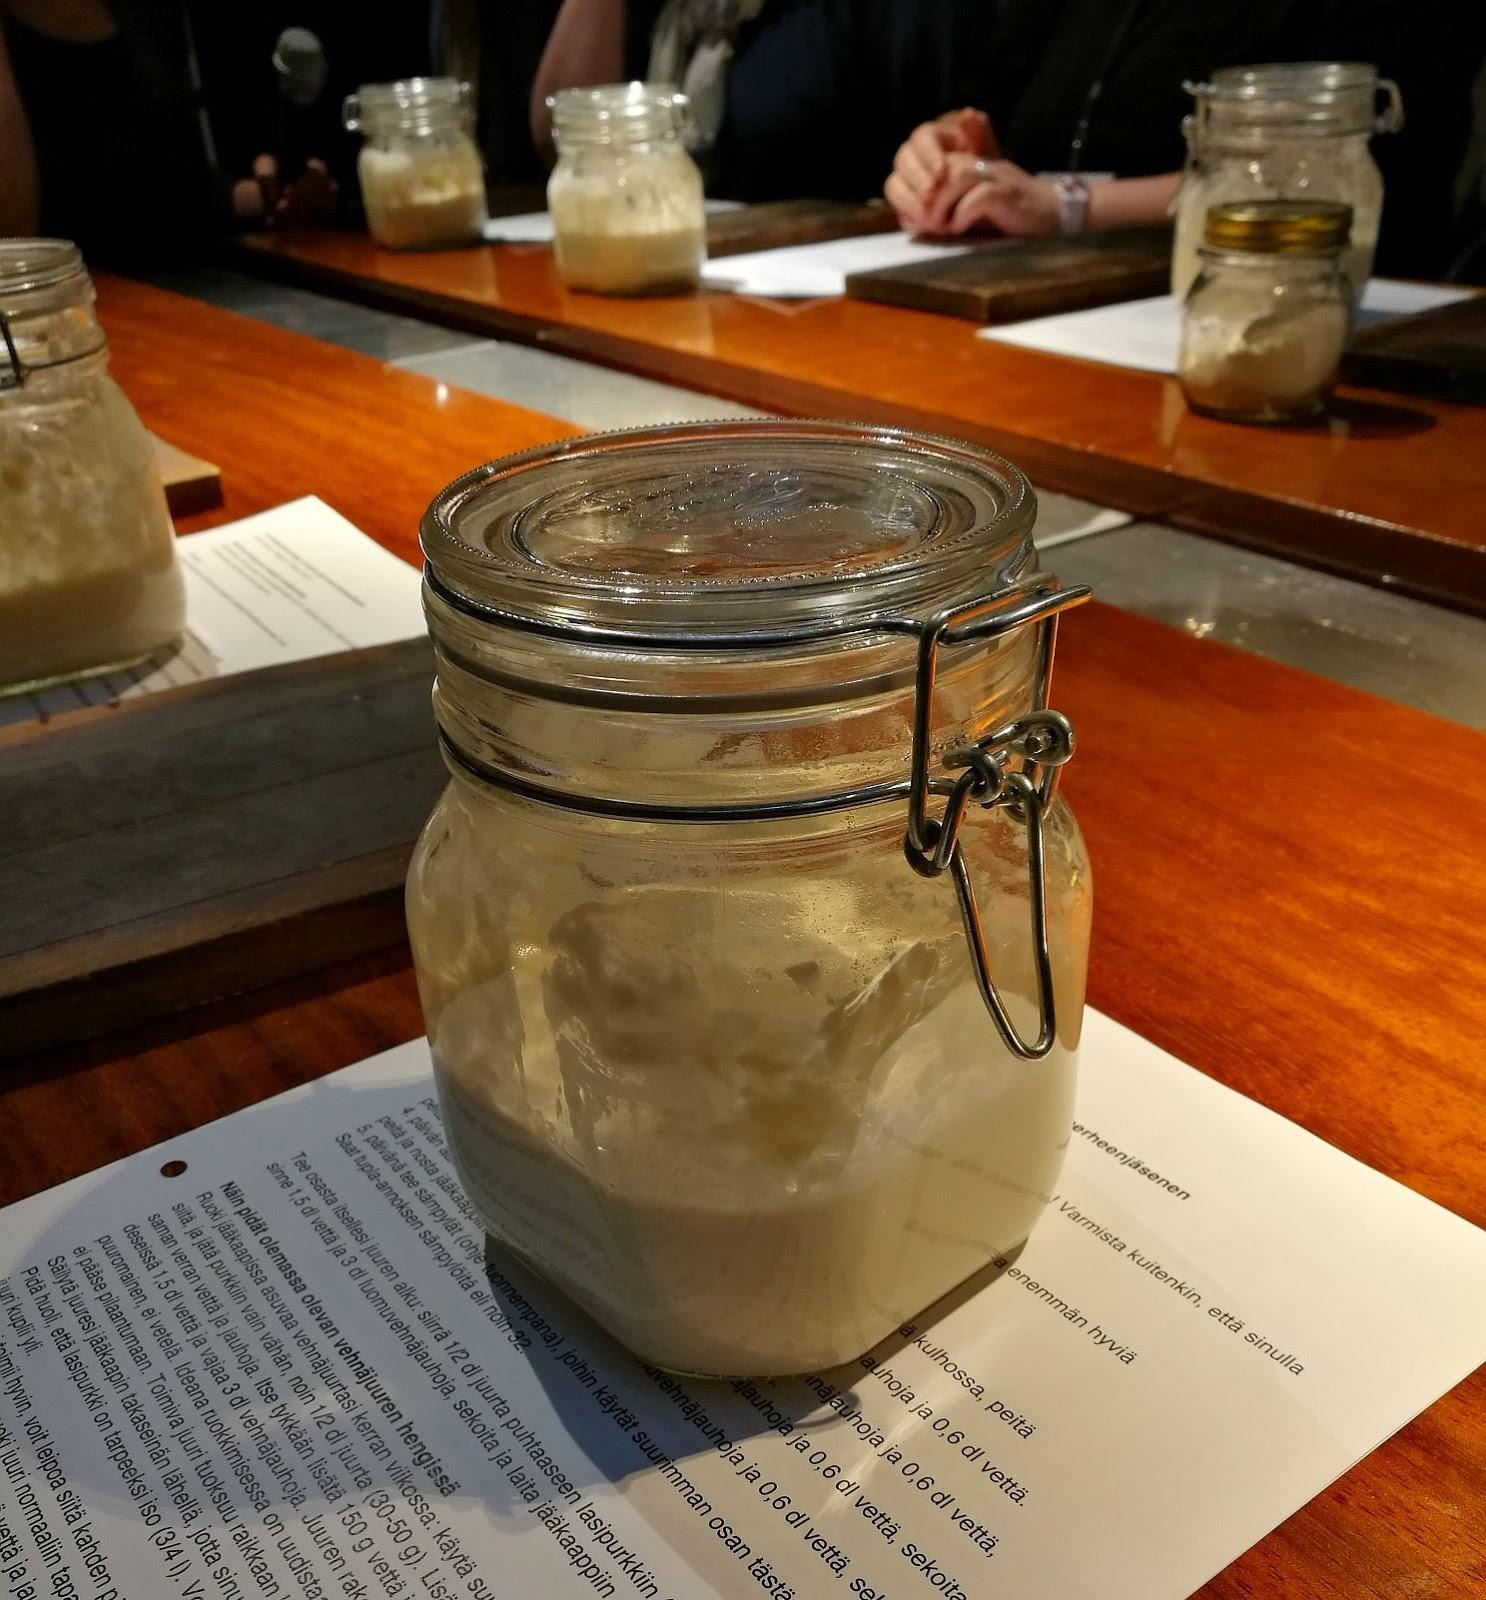 juurisämpylät sämpylät vehnäjuuri juurileivonta leipä mallaspulla what's cooking helsinki